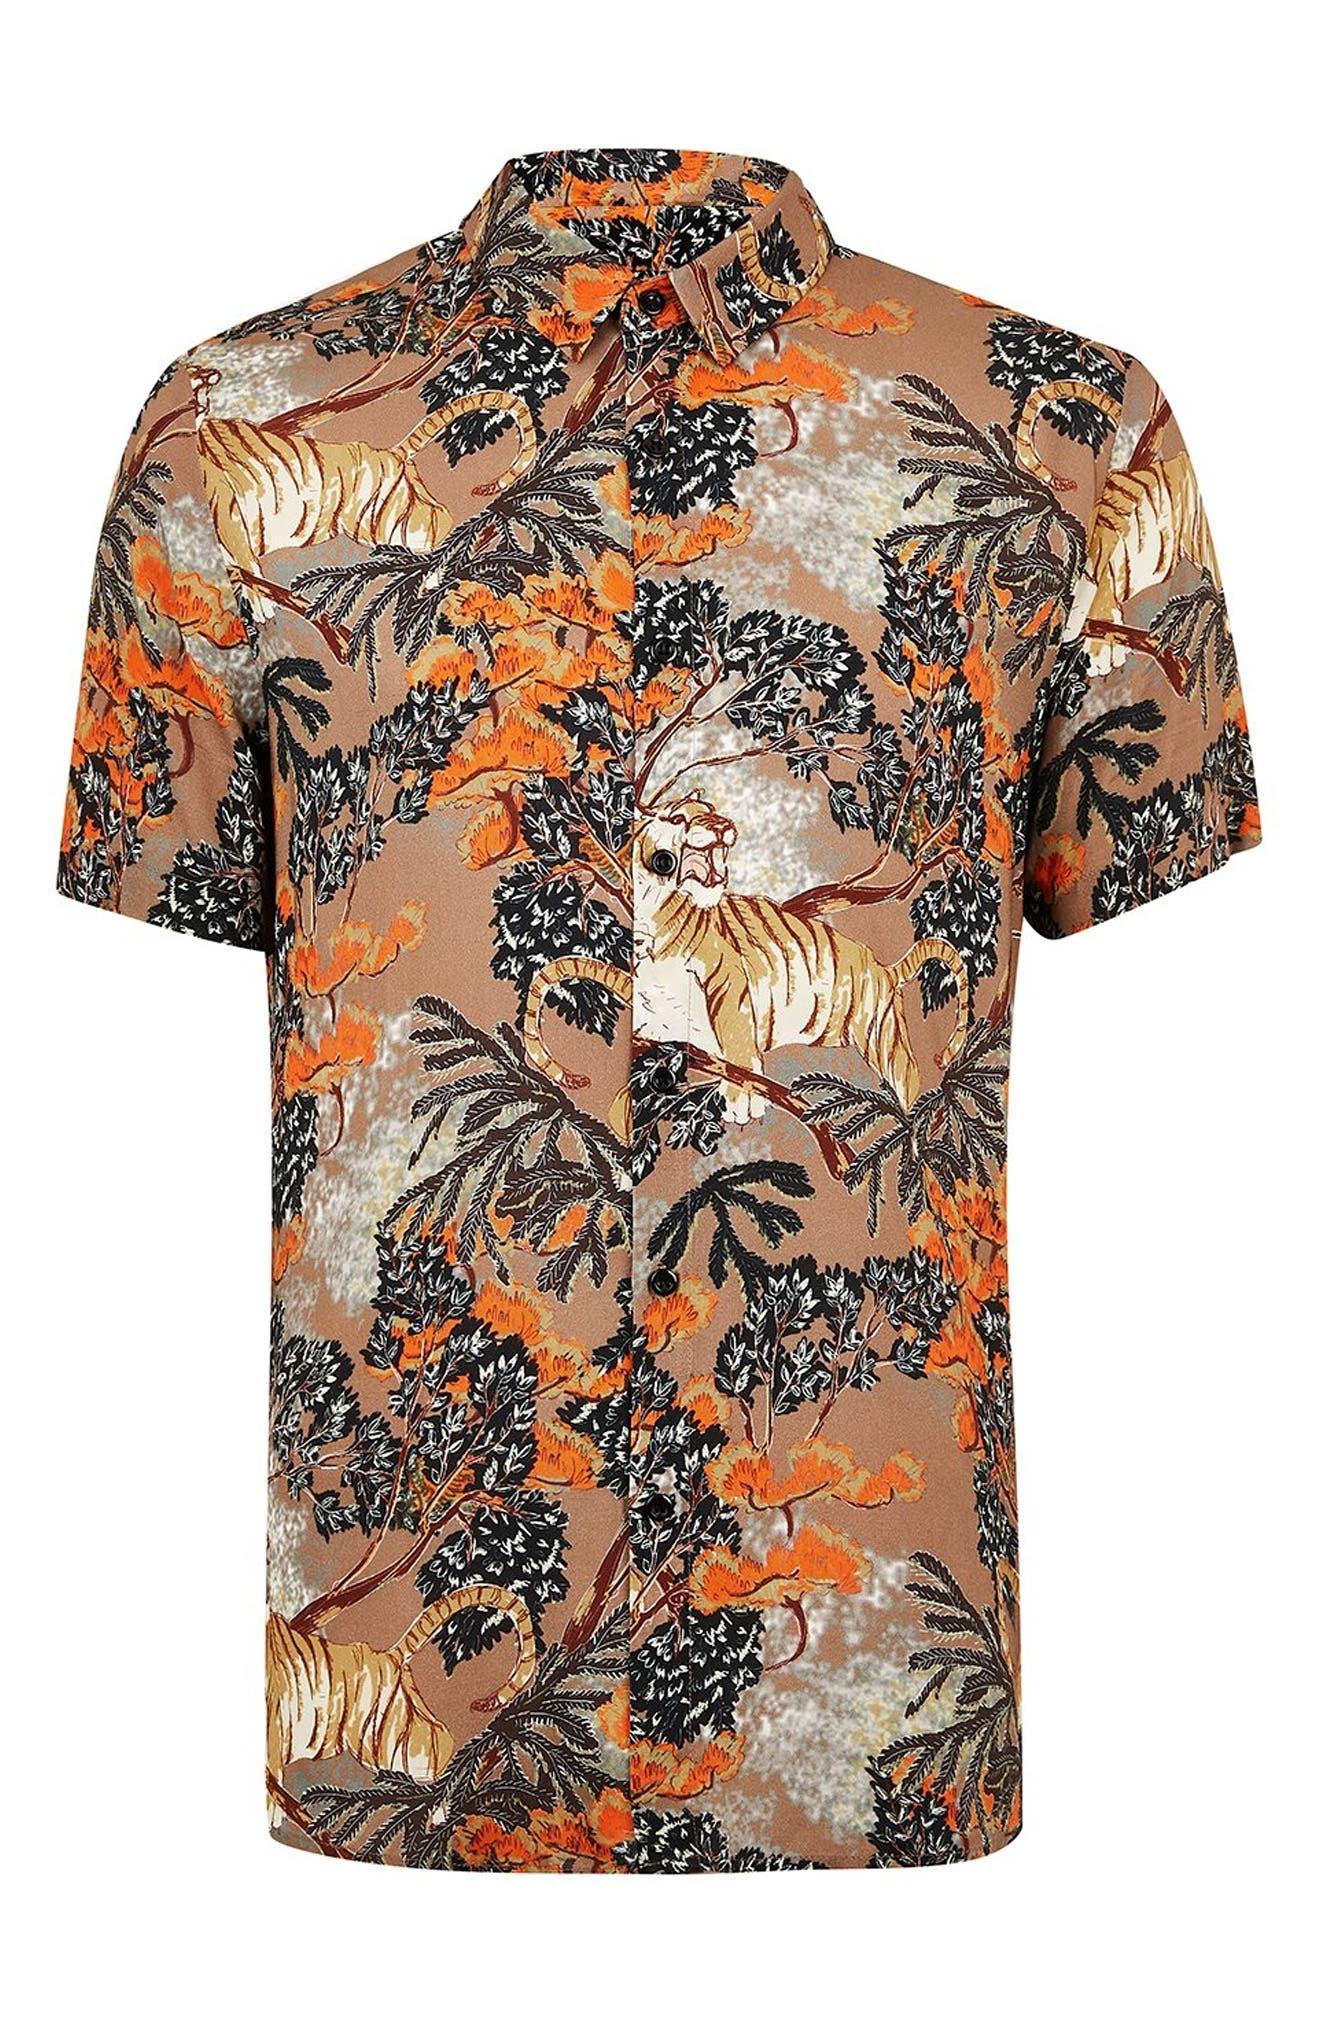 Suburb Tiger Print Shirt,                             Alternate thumbnail 5, color,                             ORANGE MULTI